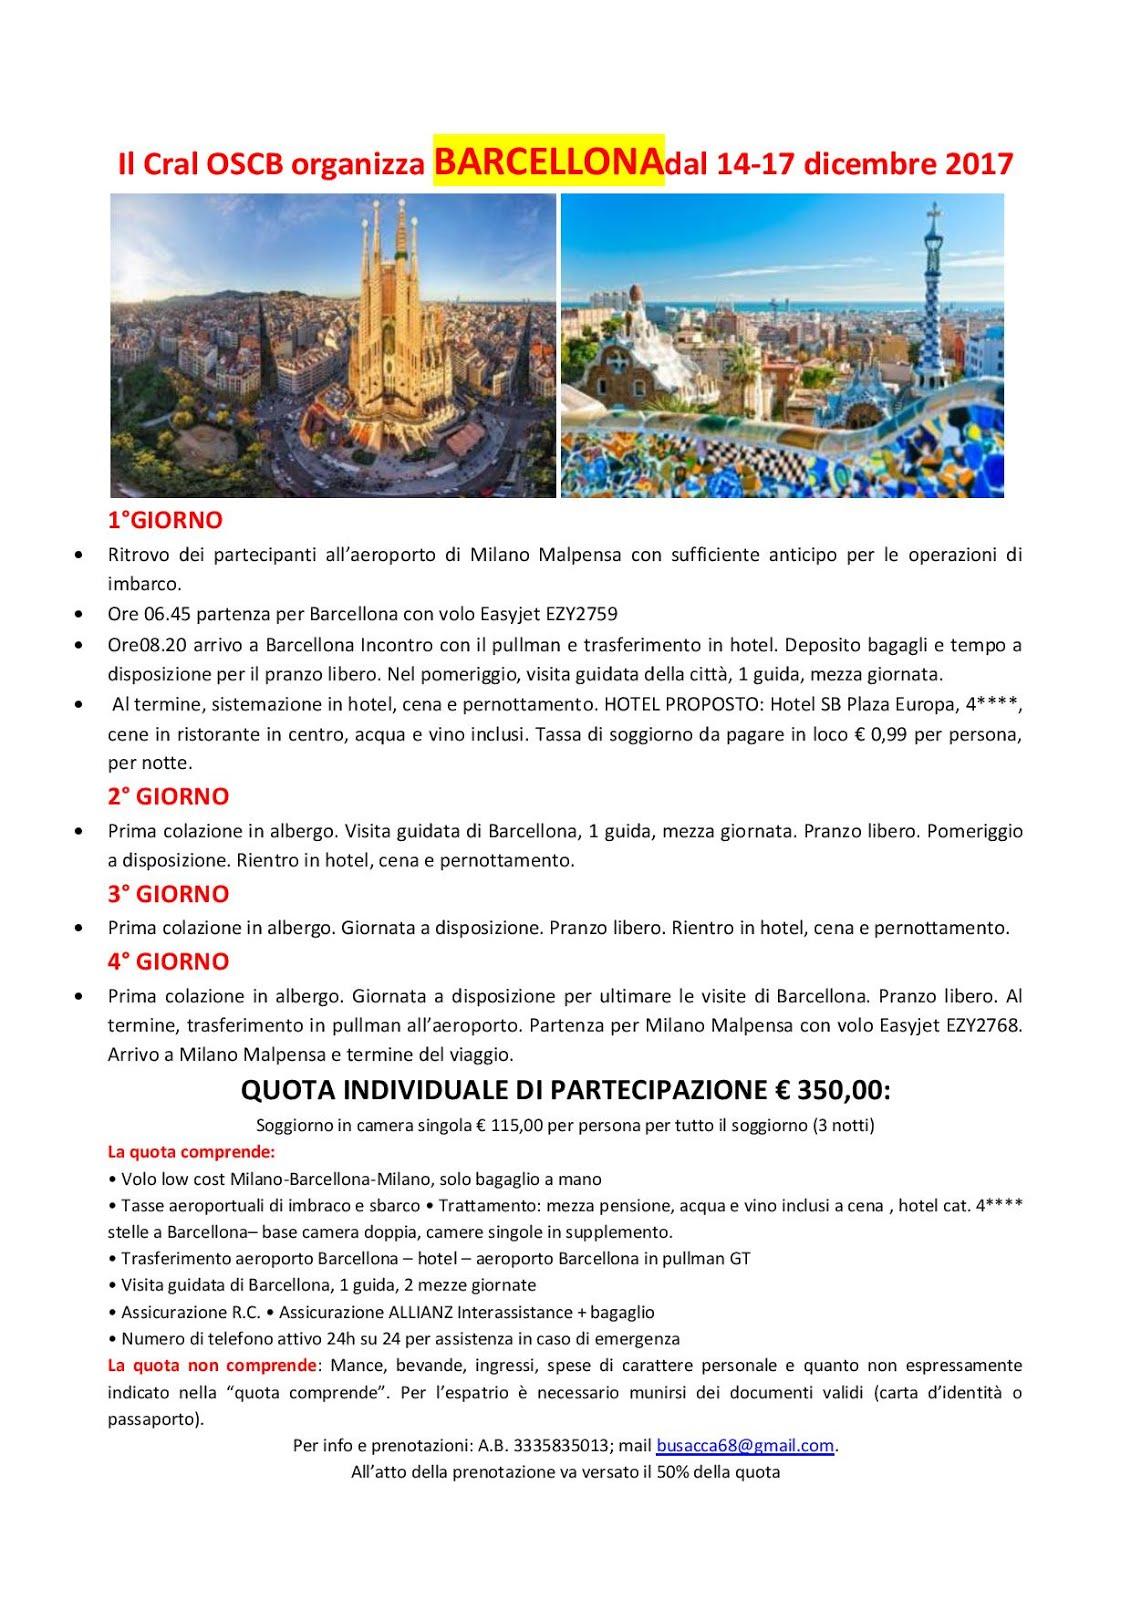 Best Tassa Di Soggiorno Barcellona Images - Design Trends 2017 ...